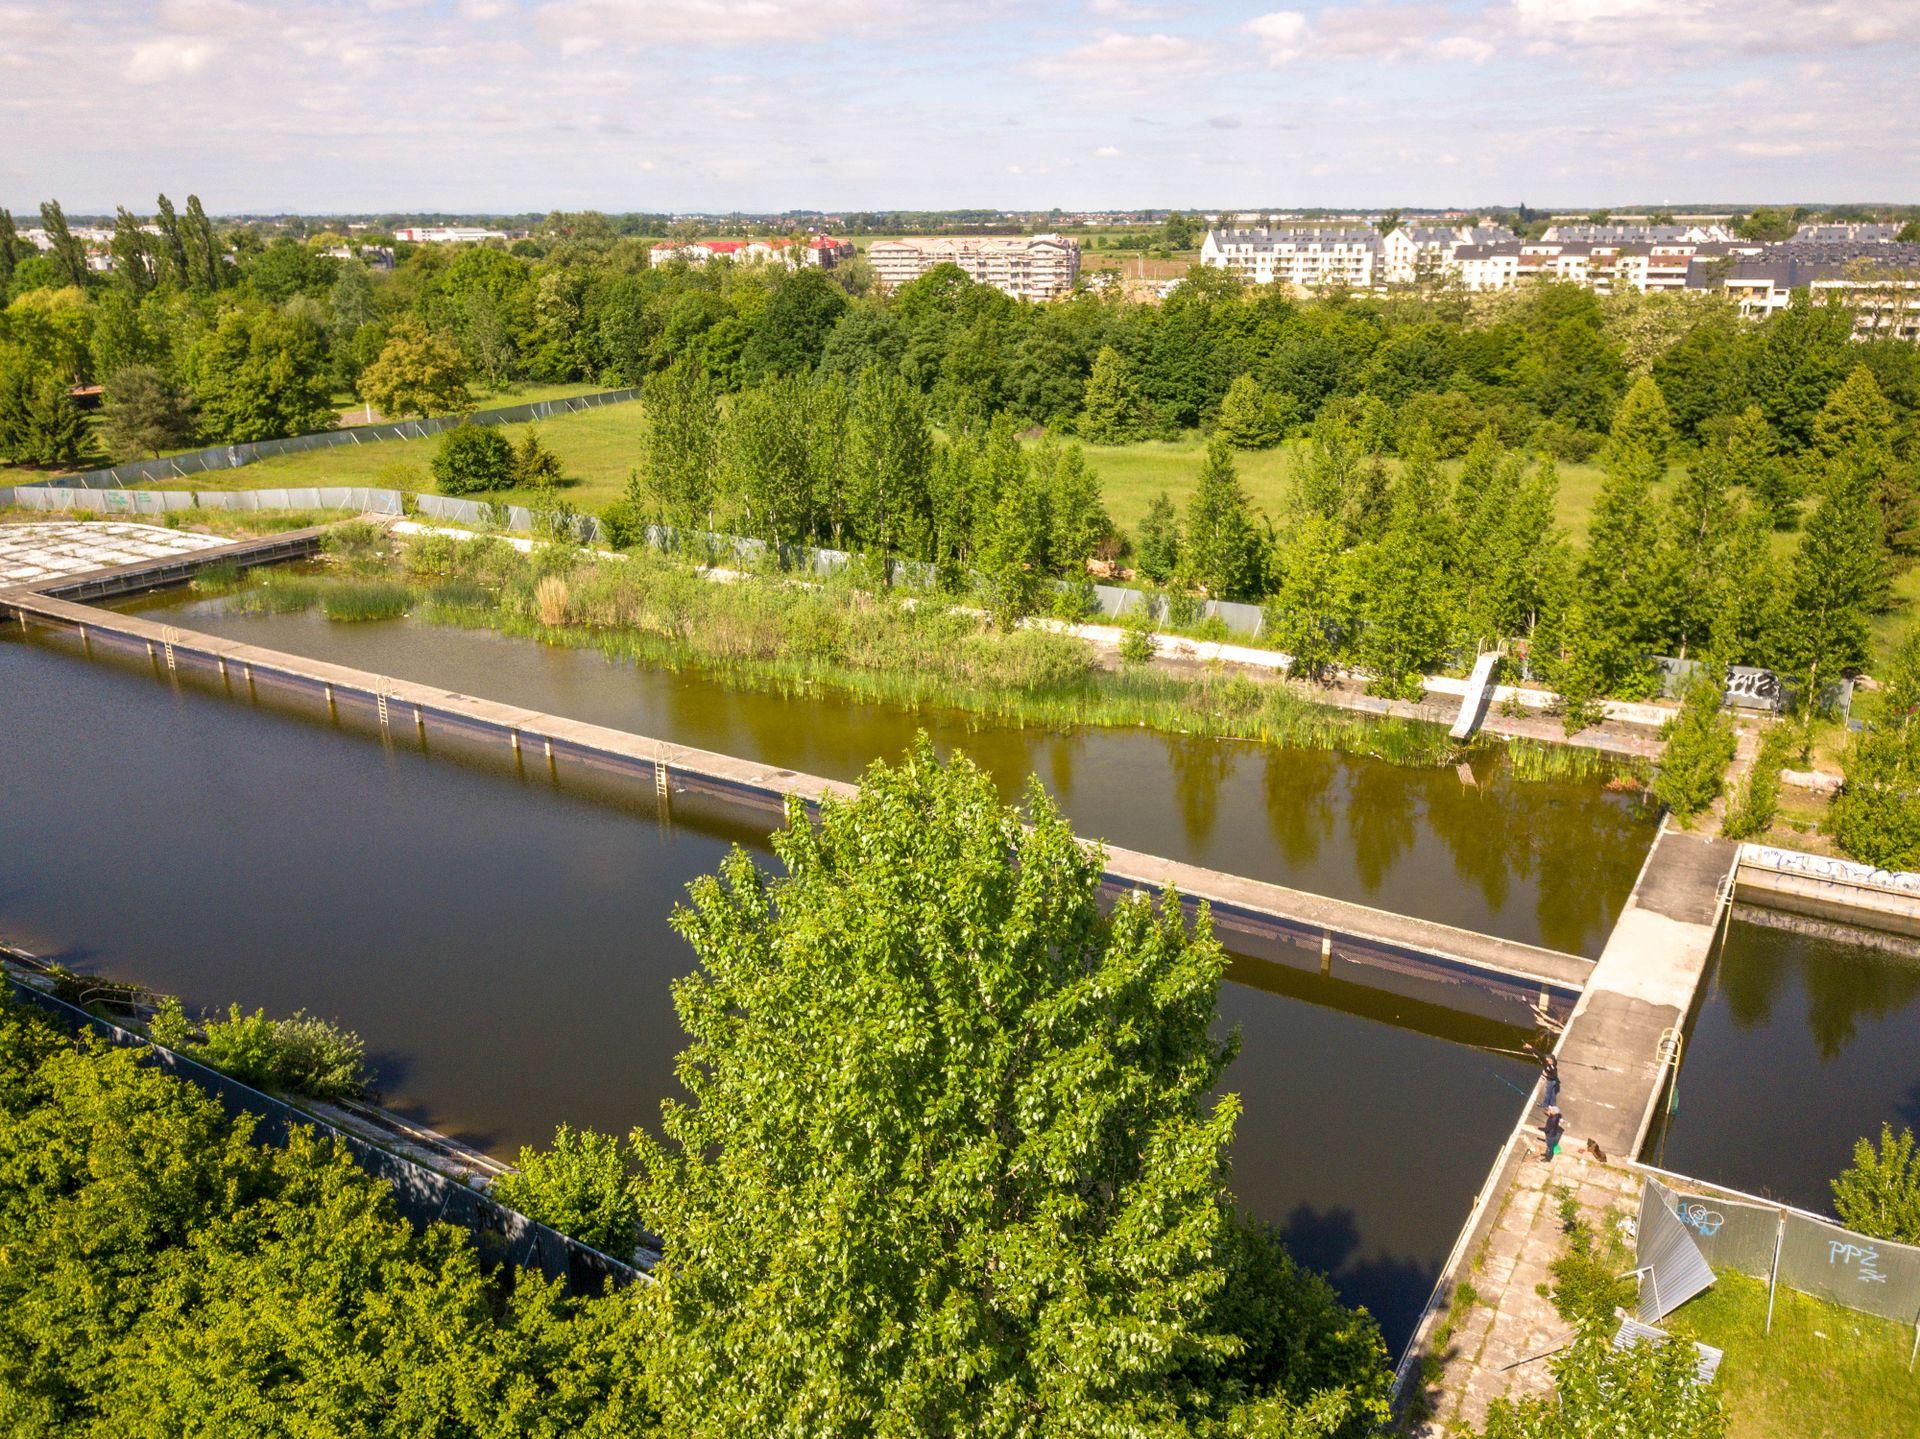 Wrocław: WPBM inwestuje przy oporowskim kąpielisku. Płaci miliony za sam grunt